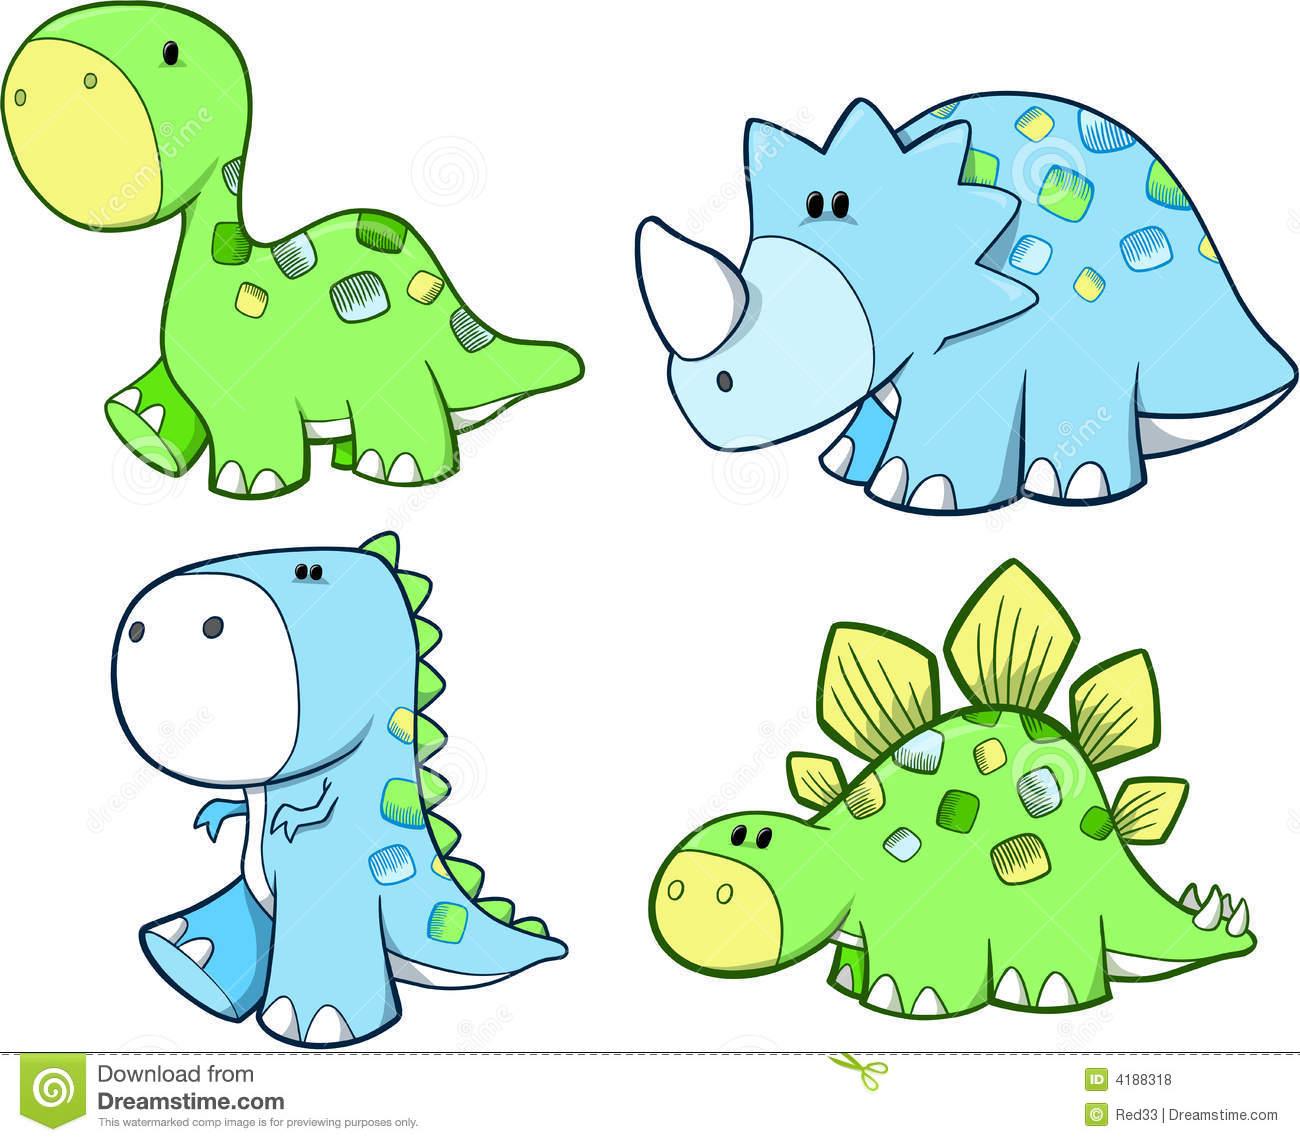 Stegosaurus clipart cute Festa Dinossauro dinosaur 4188318 Pinterest